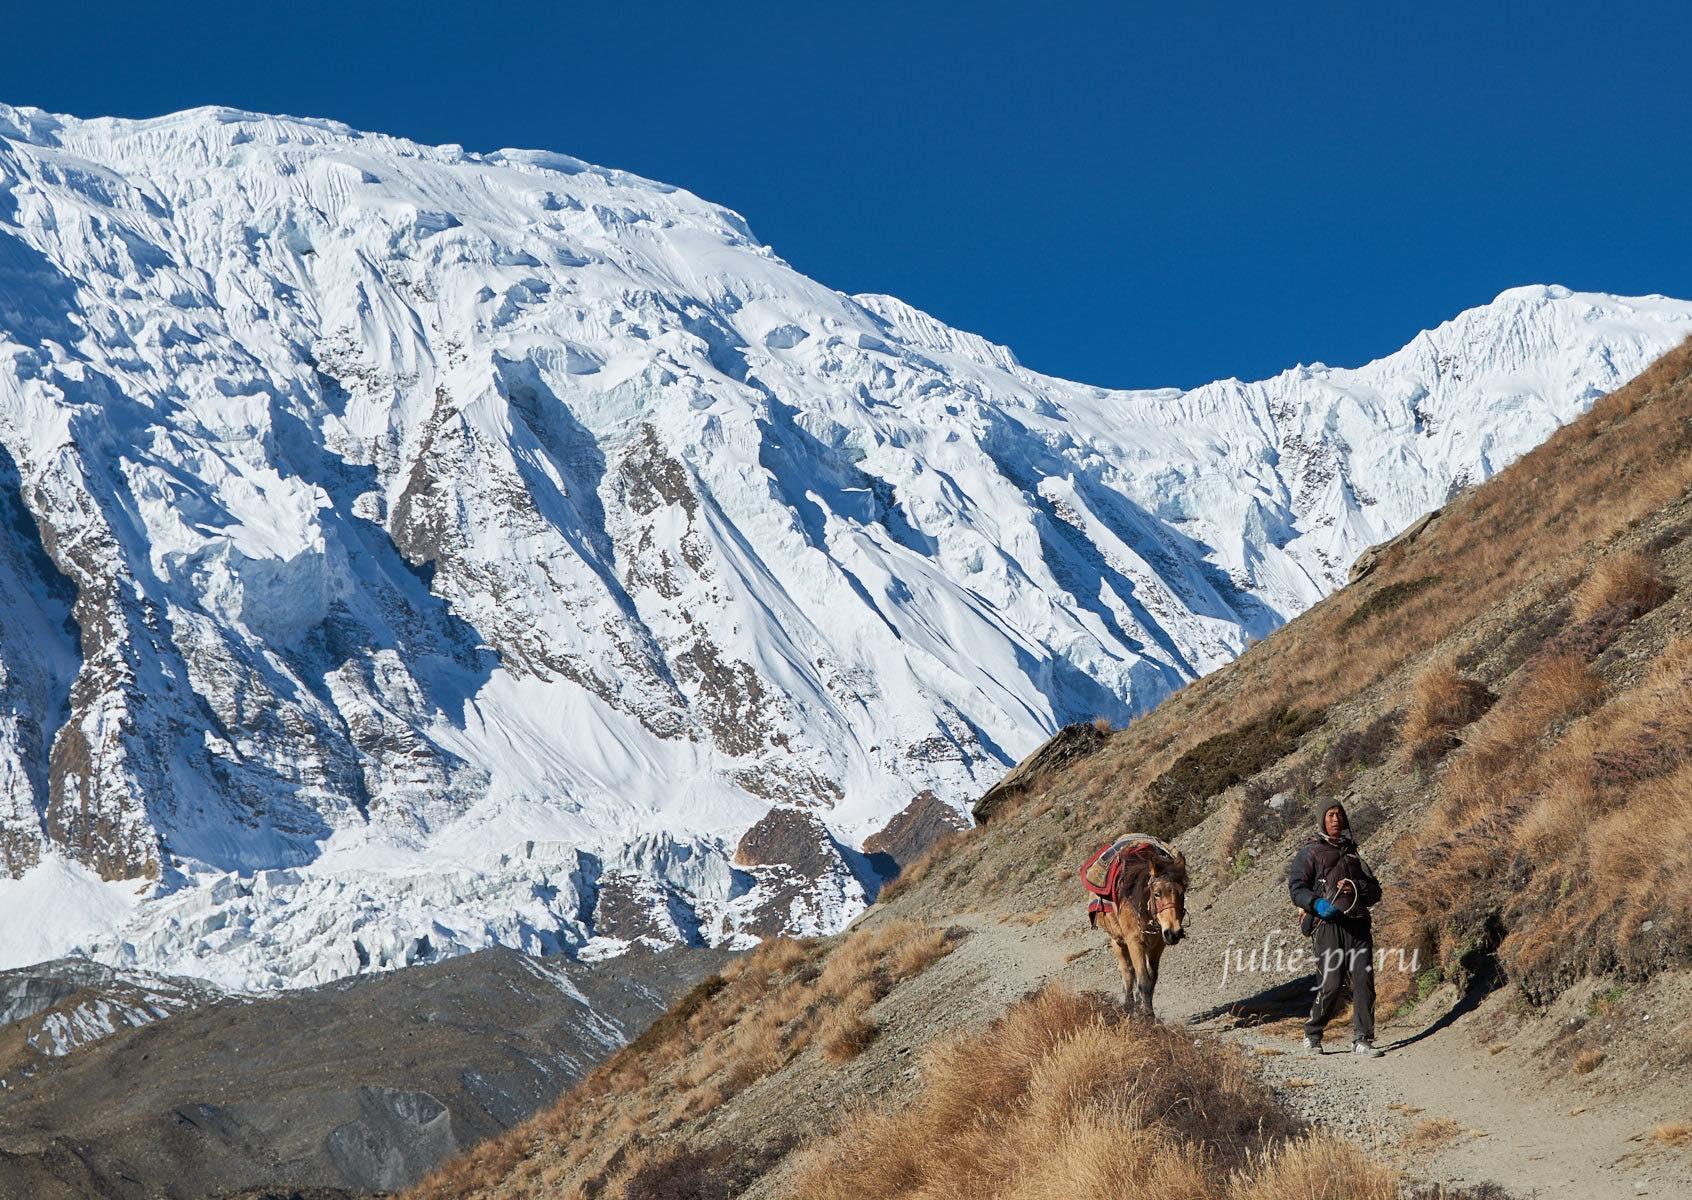 Непал, Тиличо, Большой барьер, Человек с лошадью